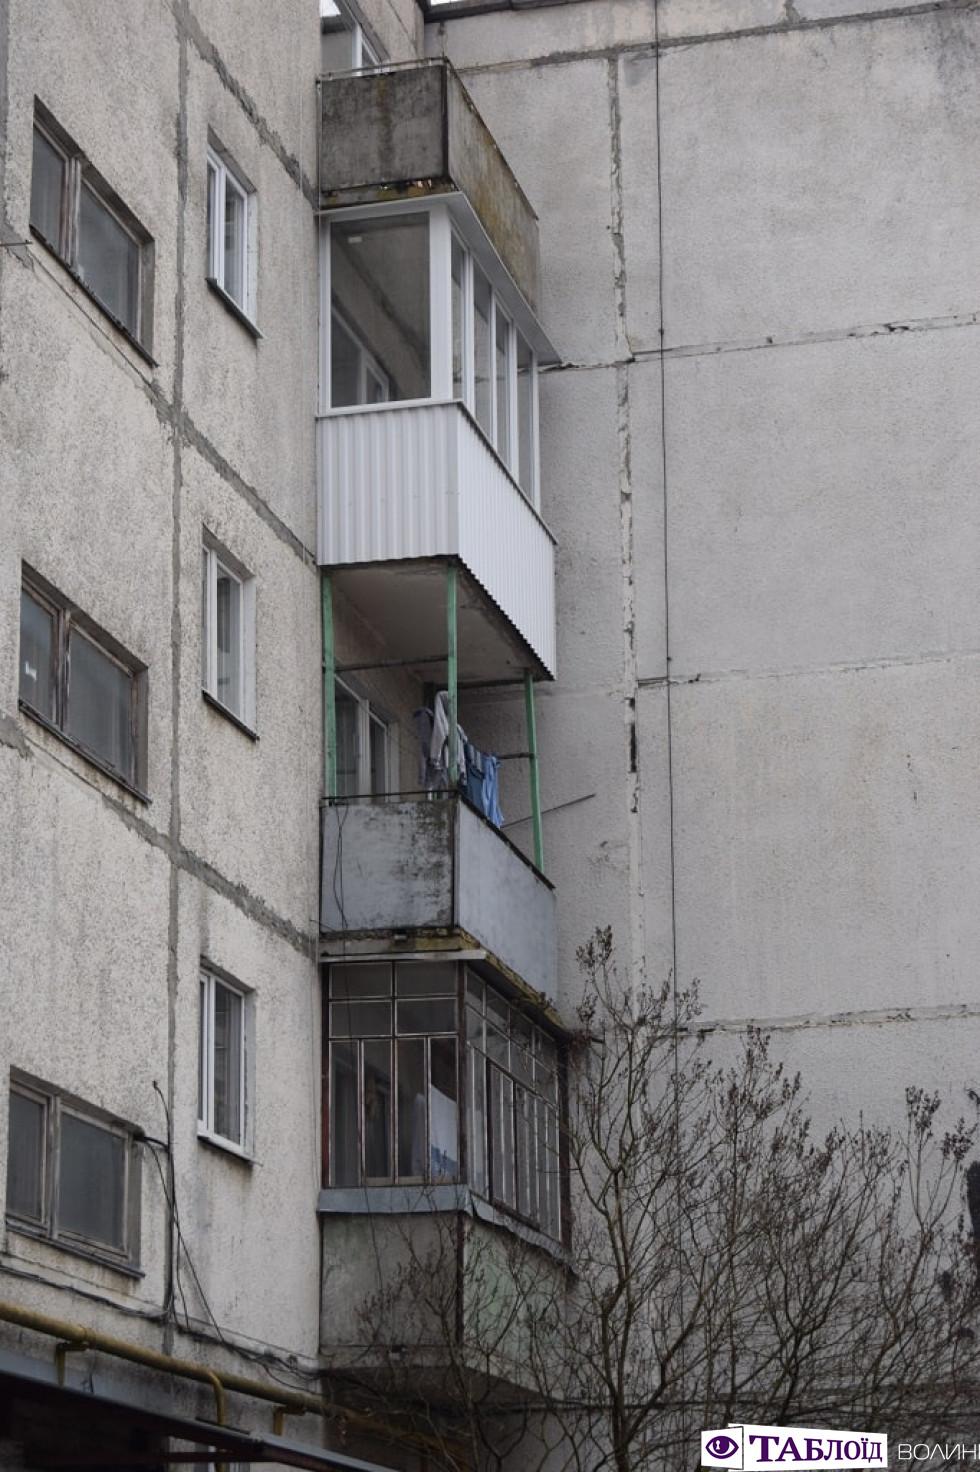 Балкони Луцька: вулиця Євгена Коновальця